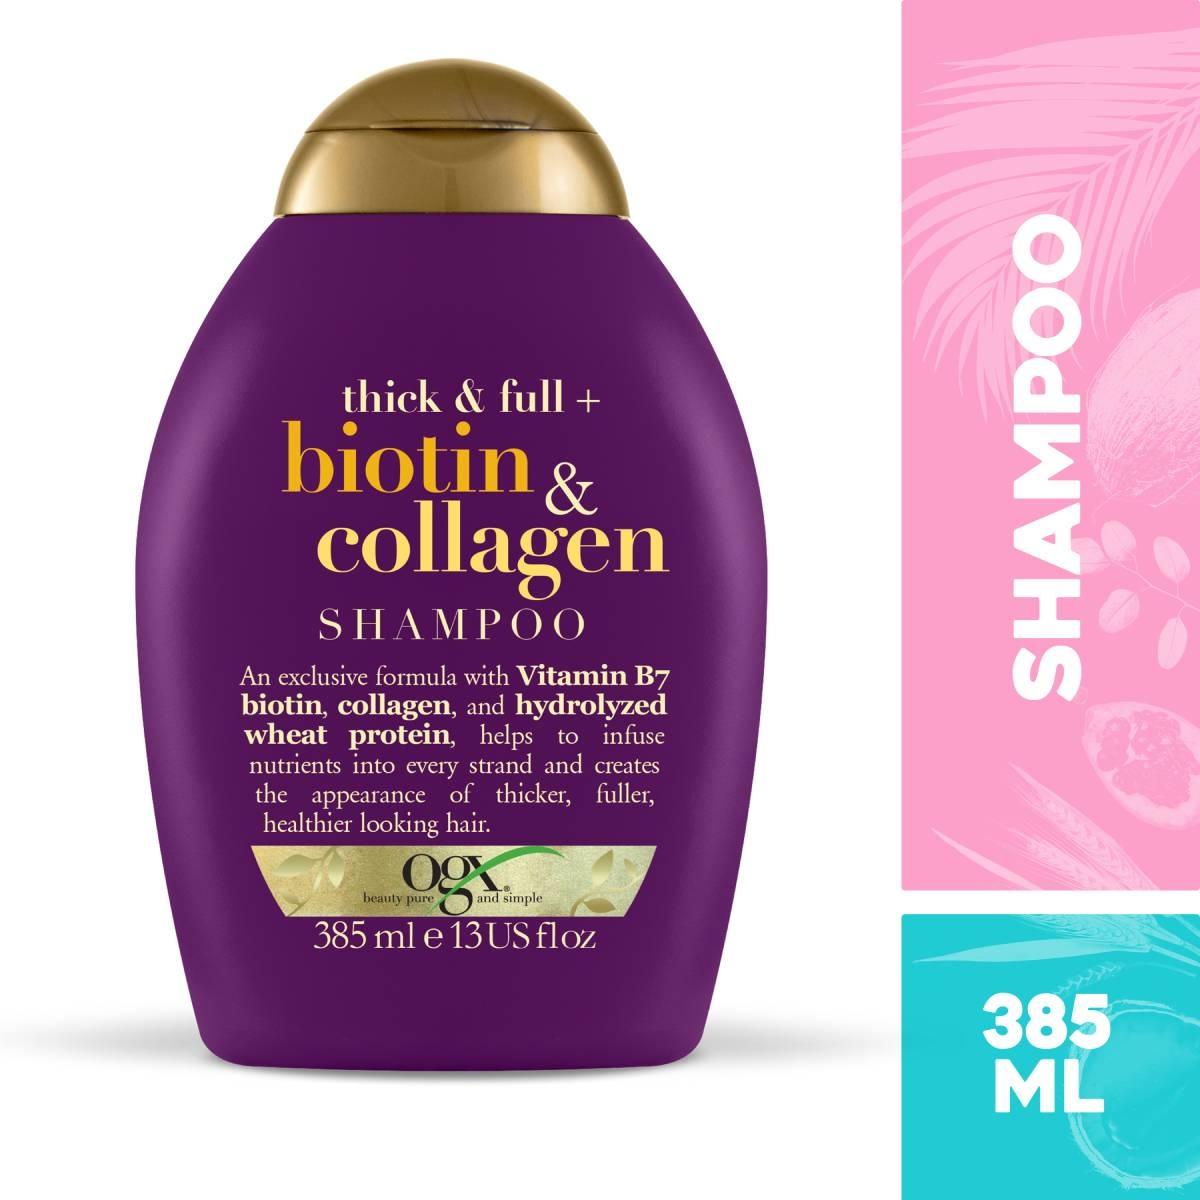 Shampoo Ogx Biotin e Collagen 385ml 385ml